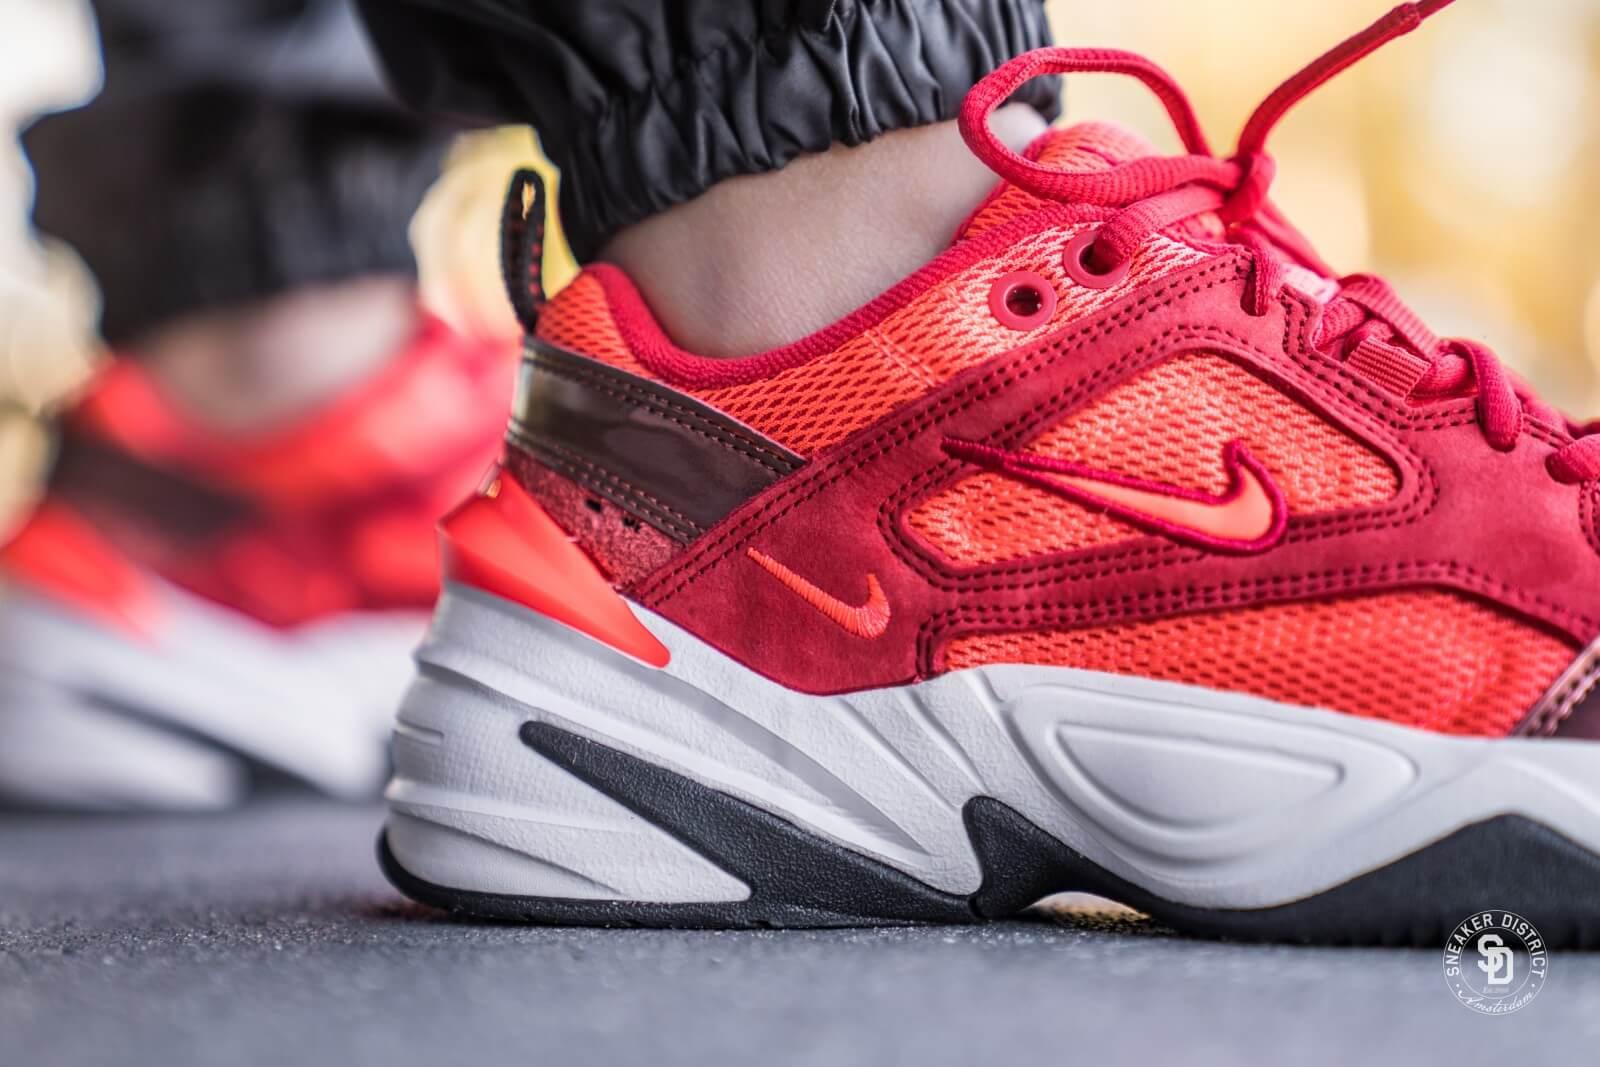 Nike Women S M2k Tekno University Red Bright Crimson Phantom Av7030 600